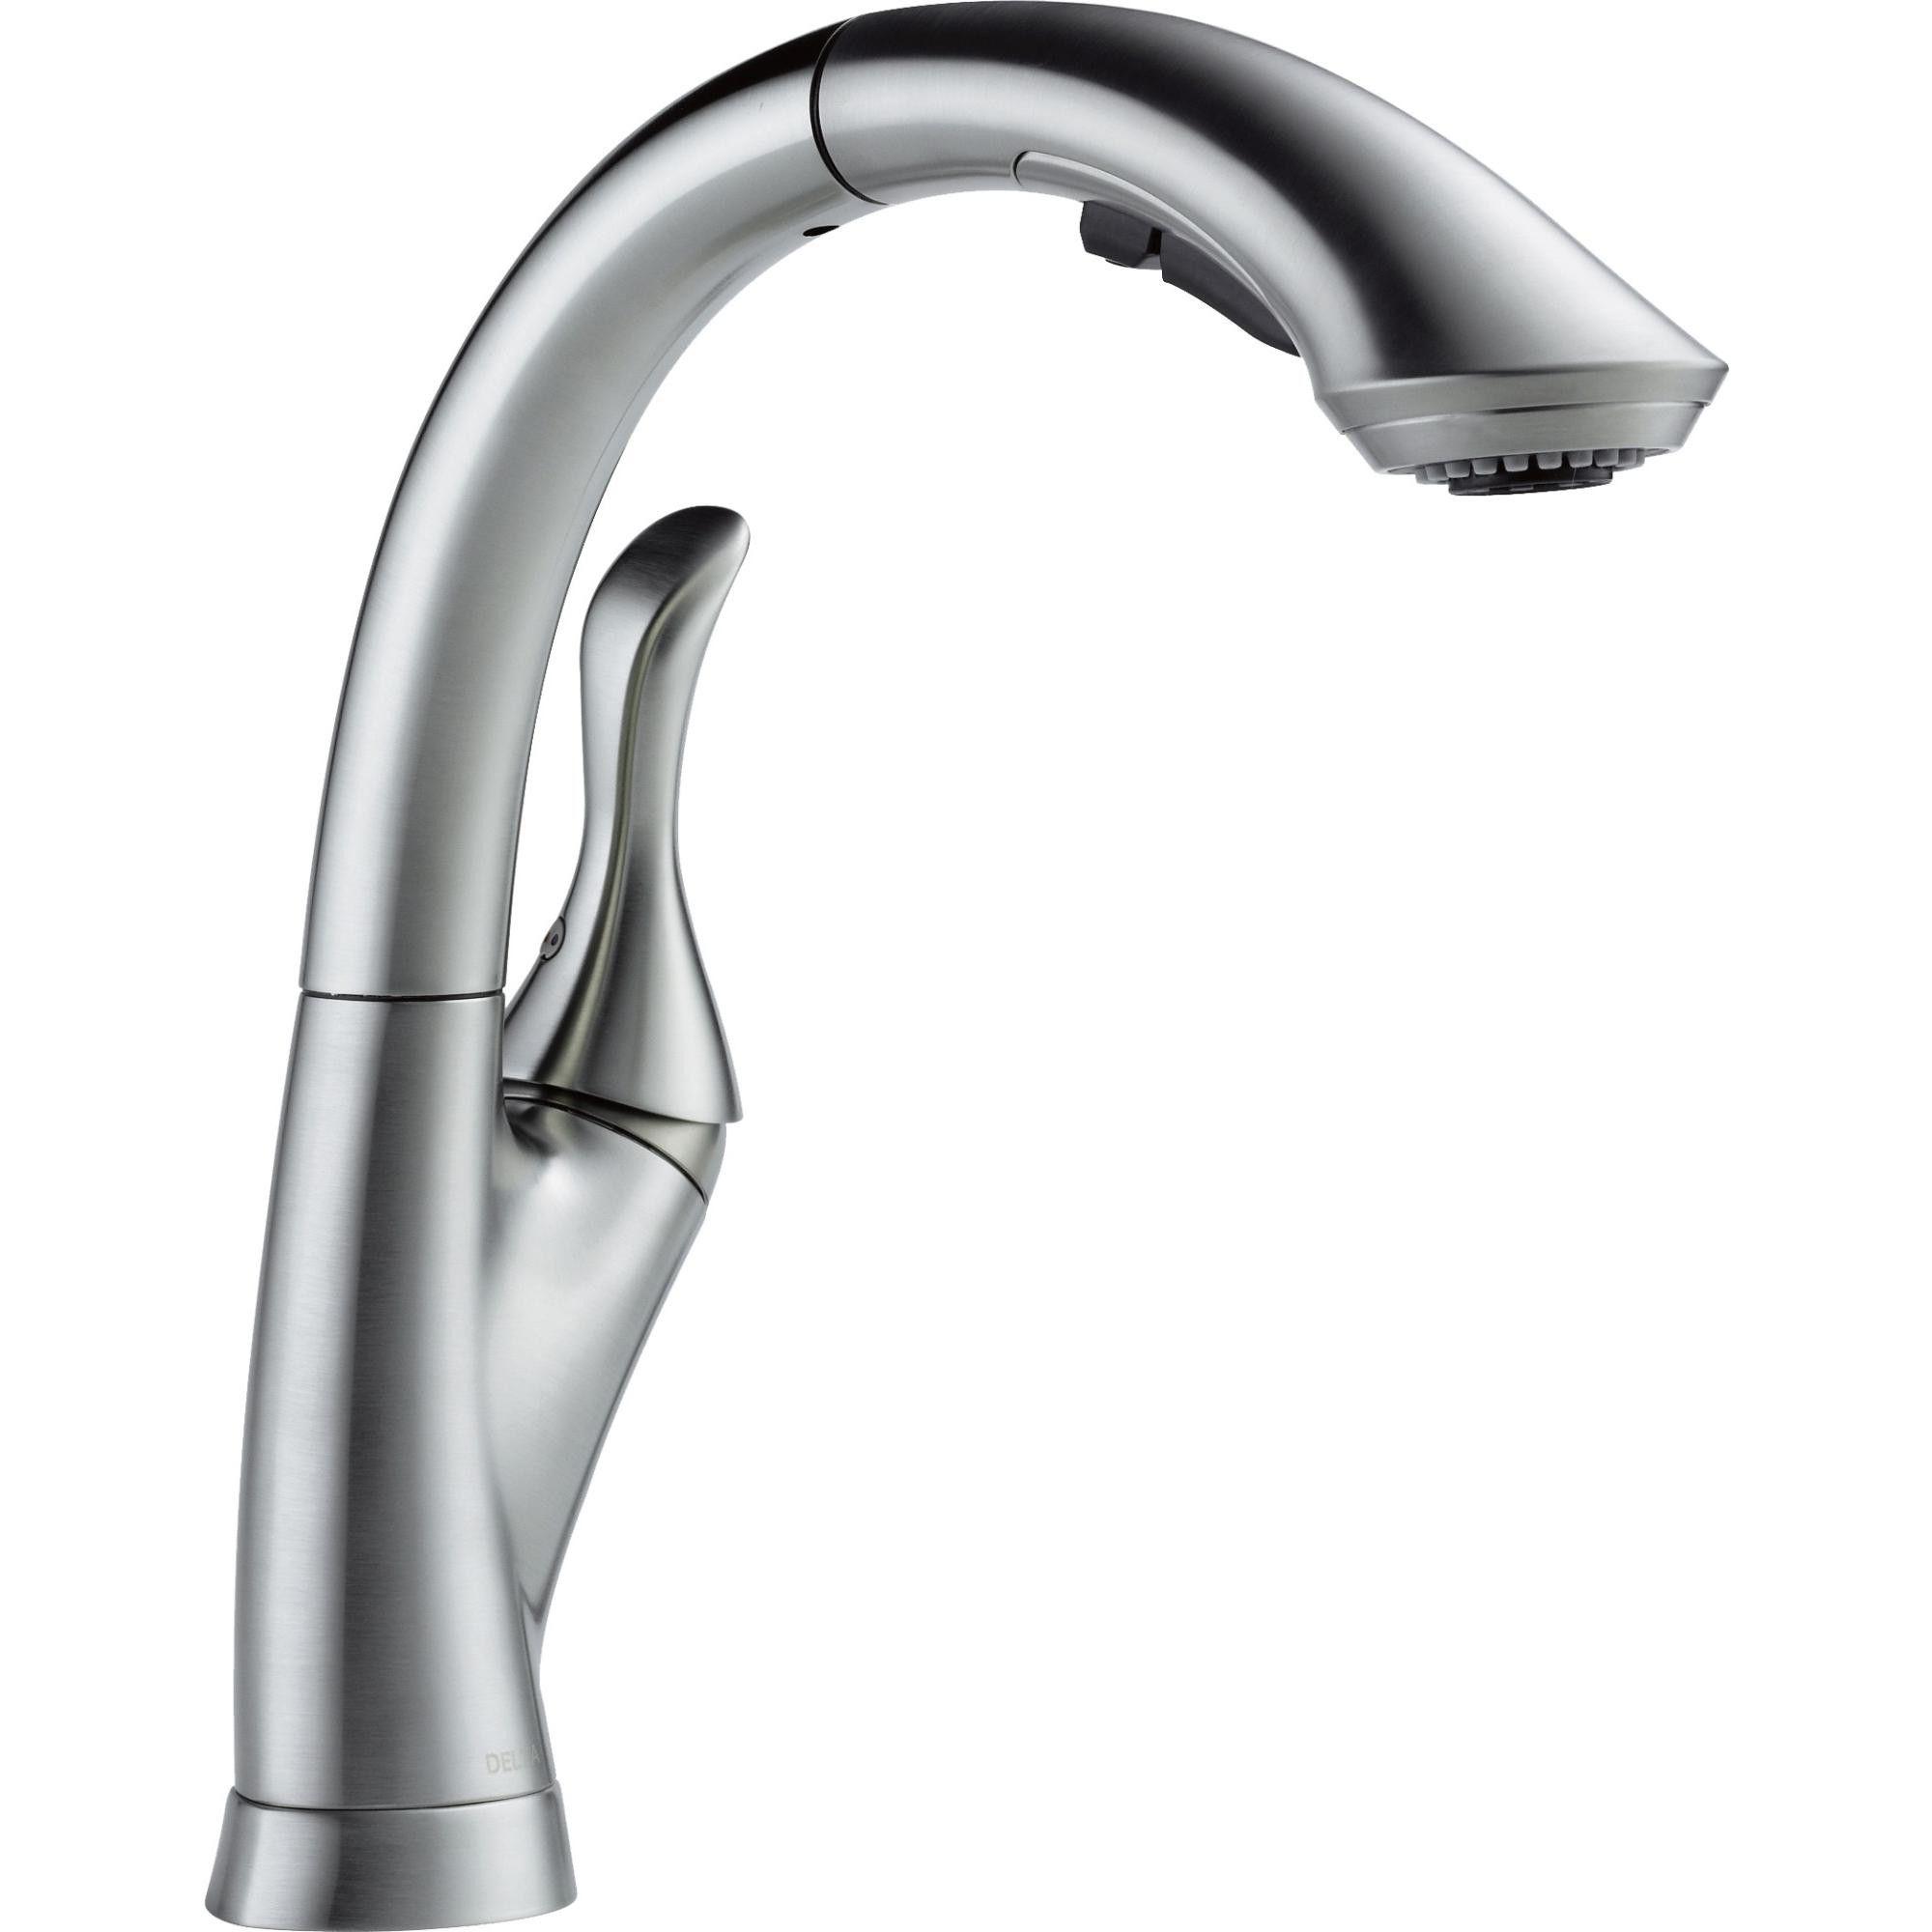 Delta Faucet 4153 Dst Linden Pull Out Kitchen Faucet Arctic